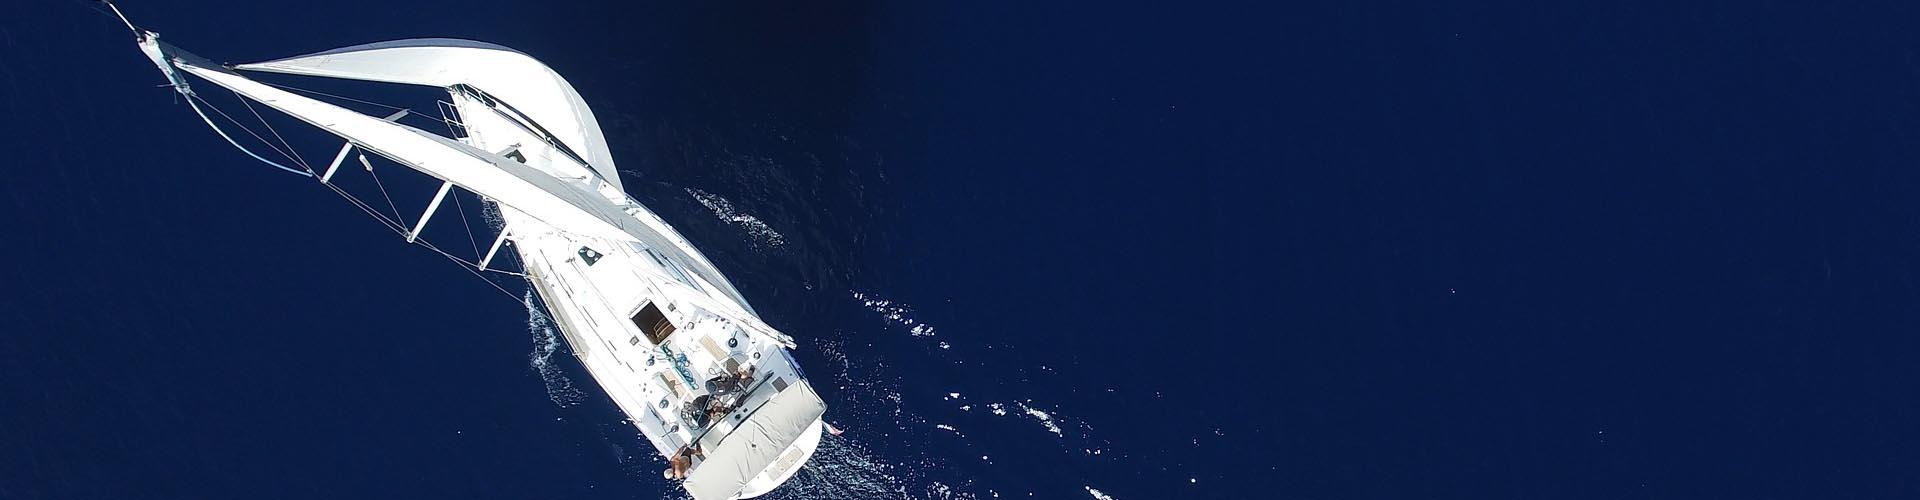 Uscite In Barca Vela